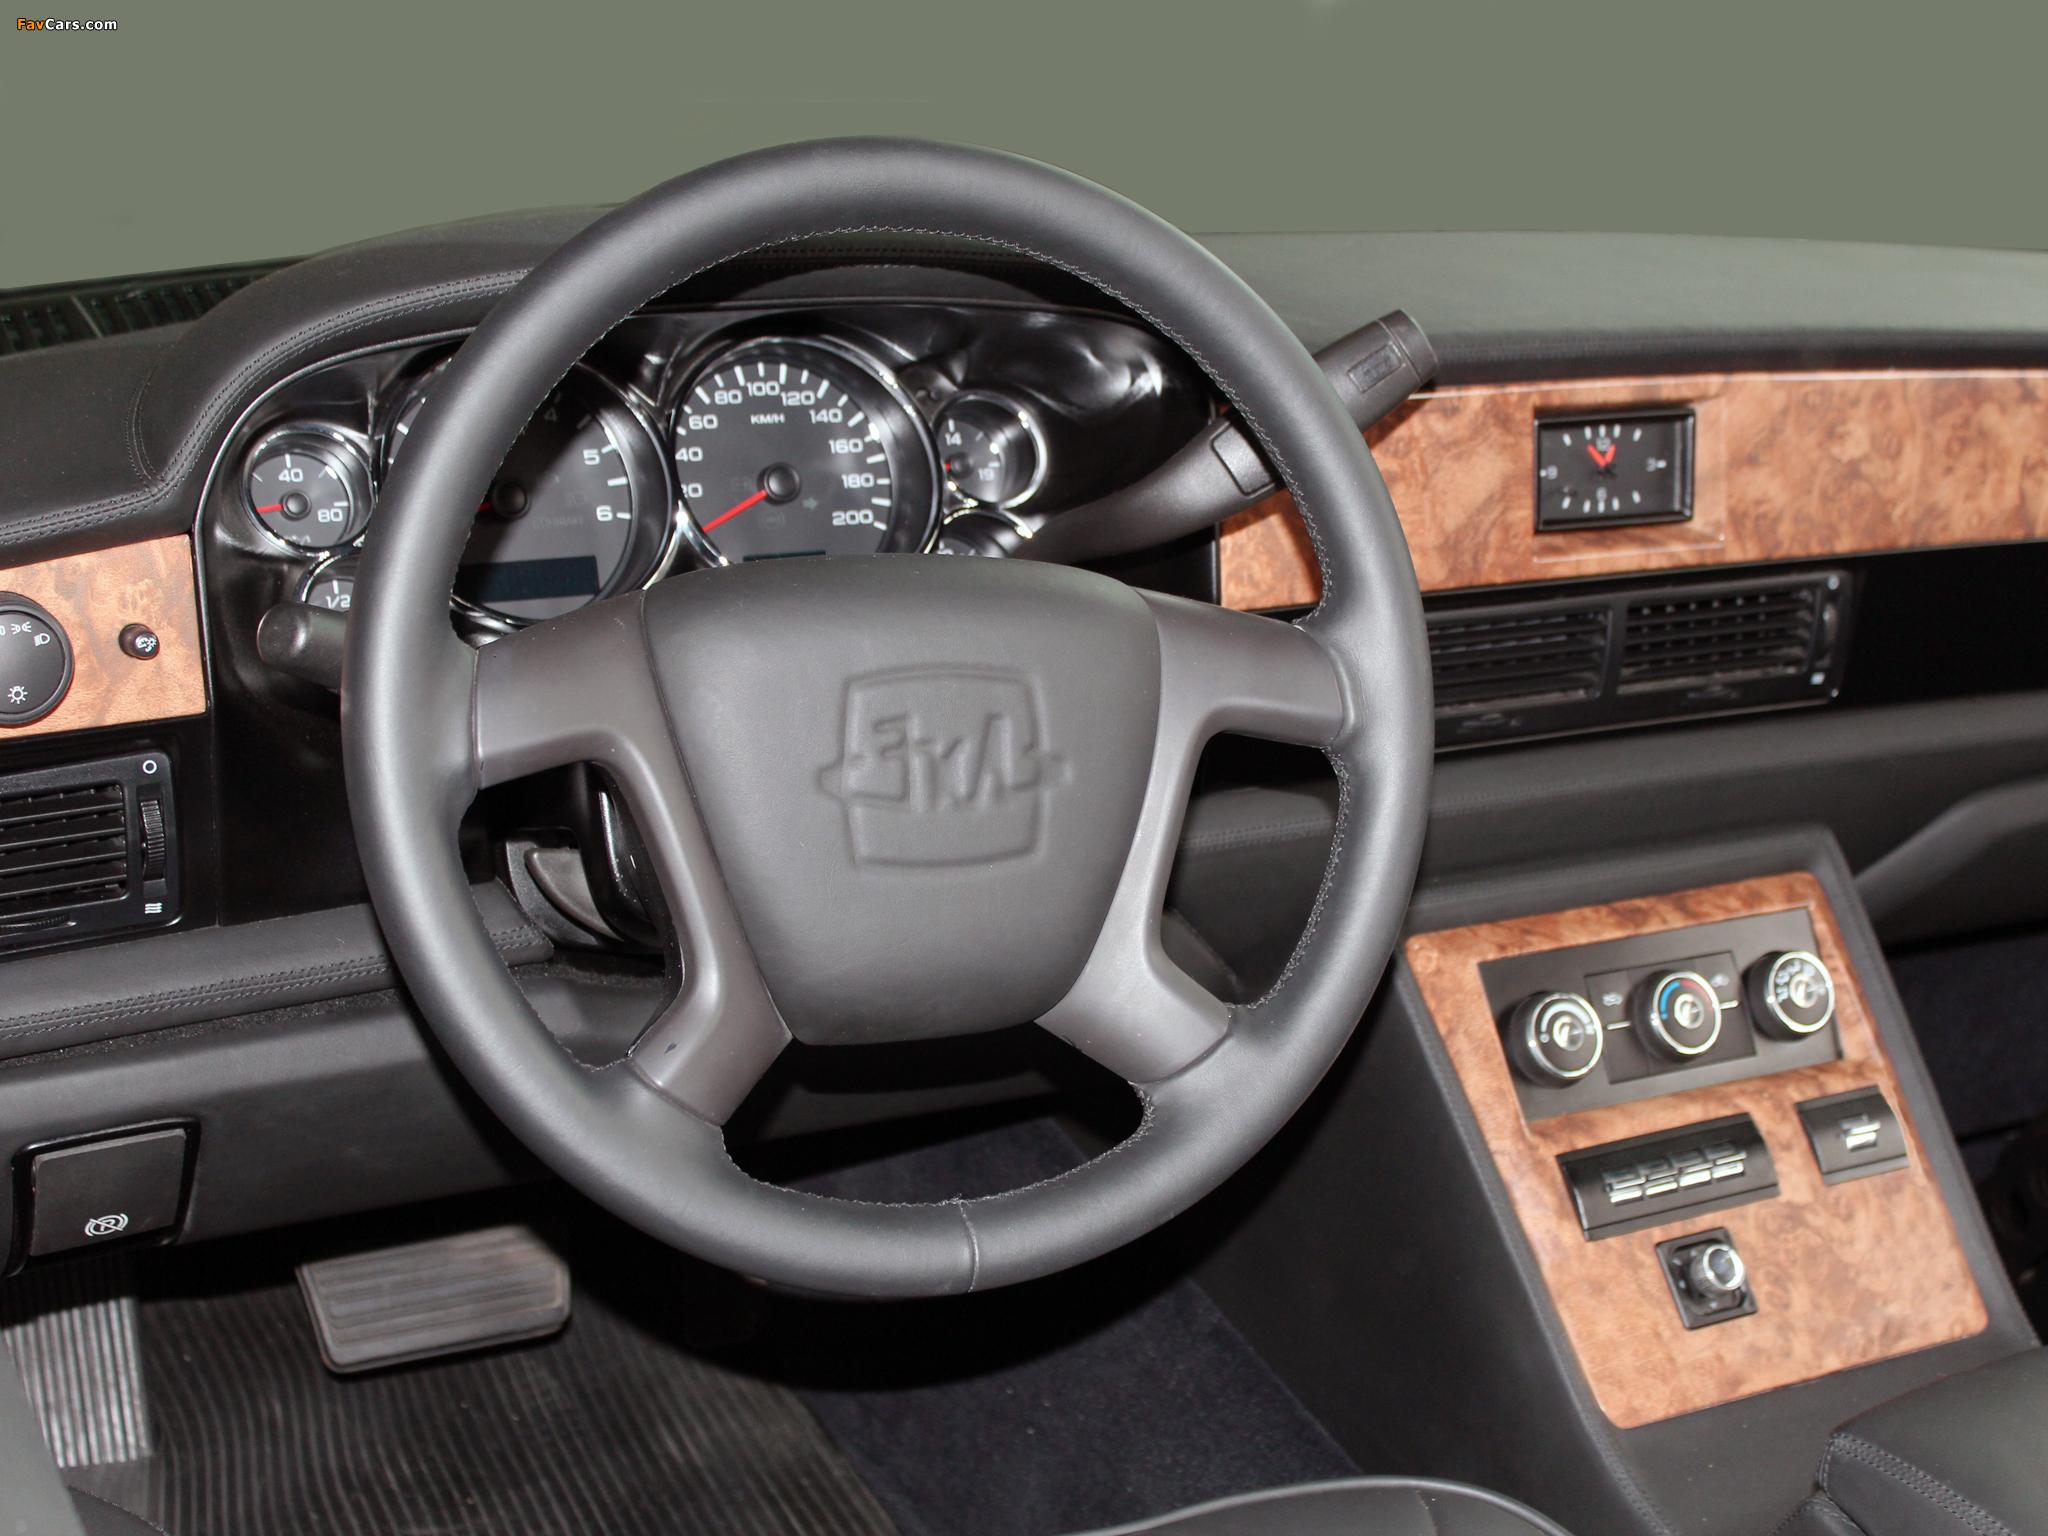 pictures of dashboard zil 41041 amg gaz sp45 2009 10 2048x1536. Black Bedroom Furniture Sets. Home Design Ideas